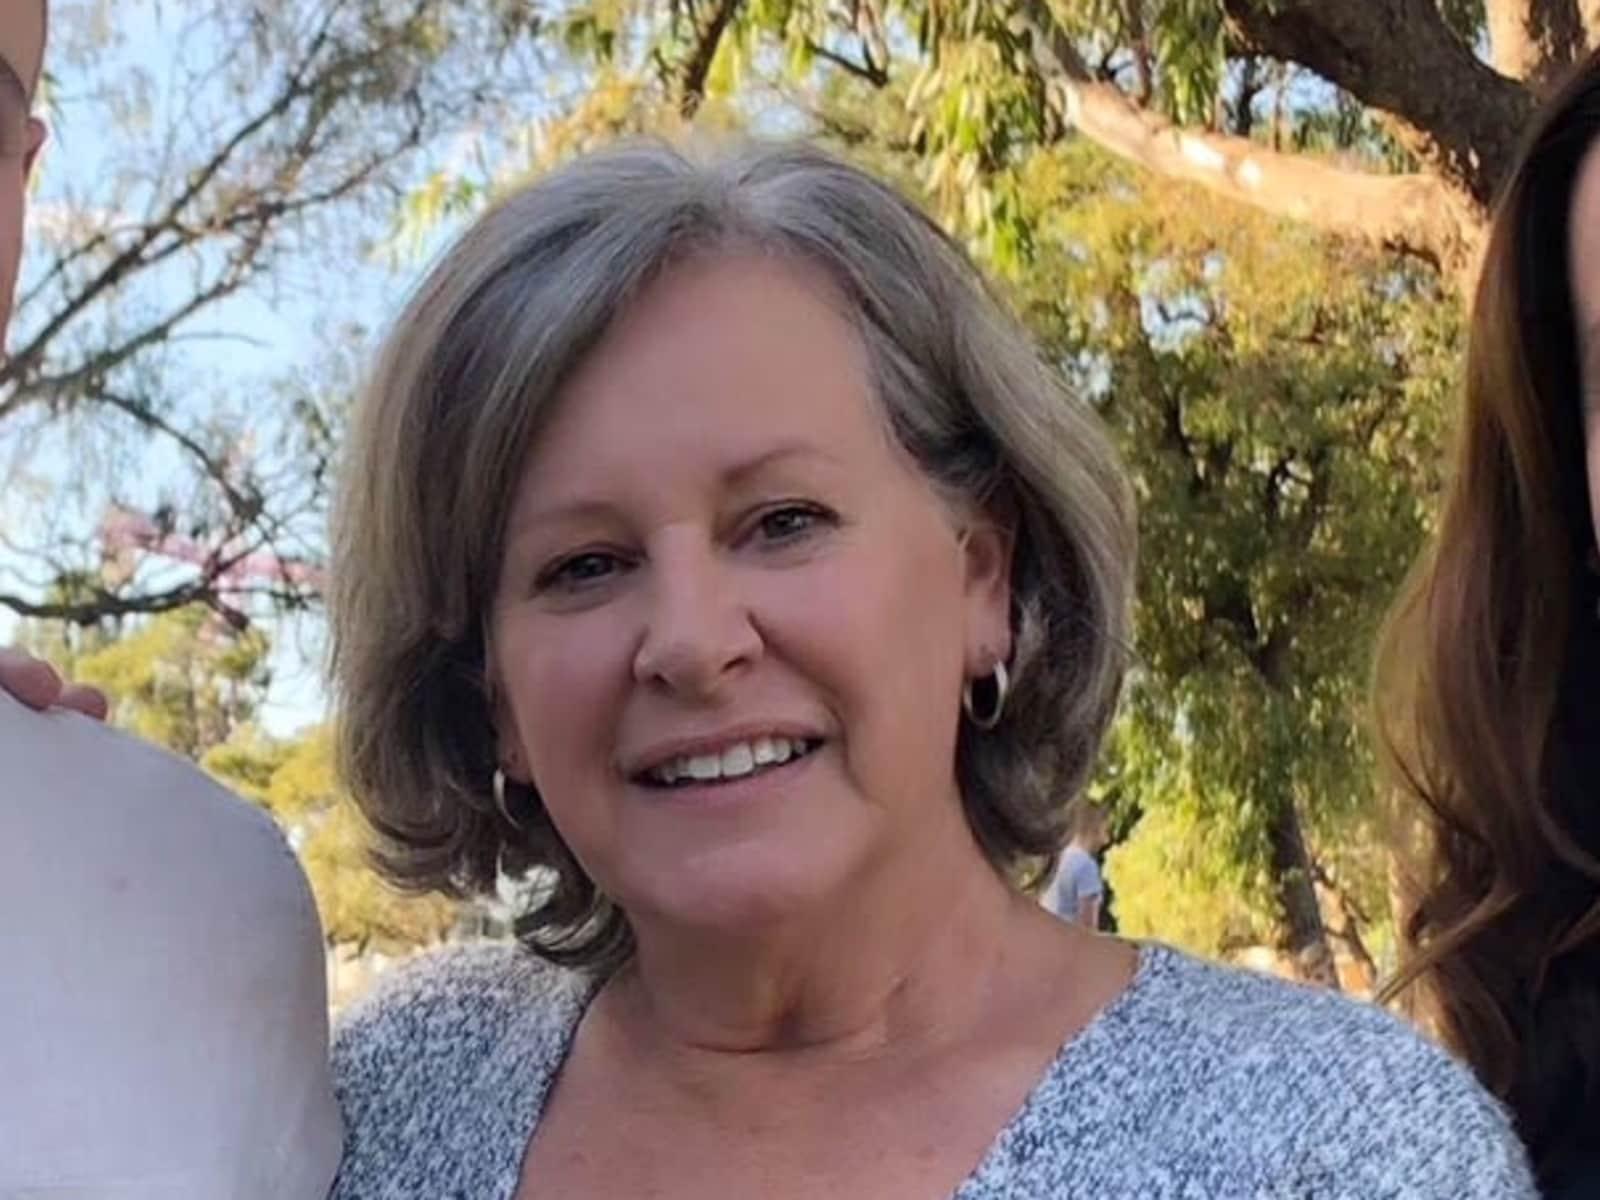 Anne from Busselton, Western Australia, Australia